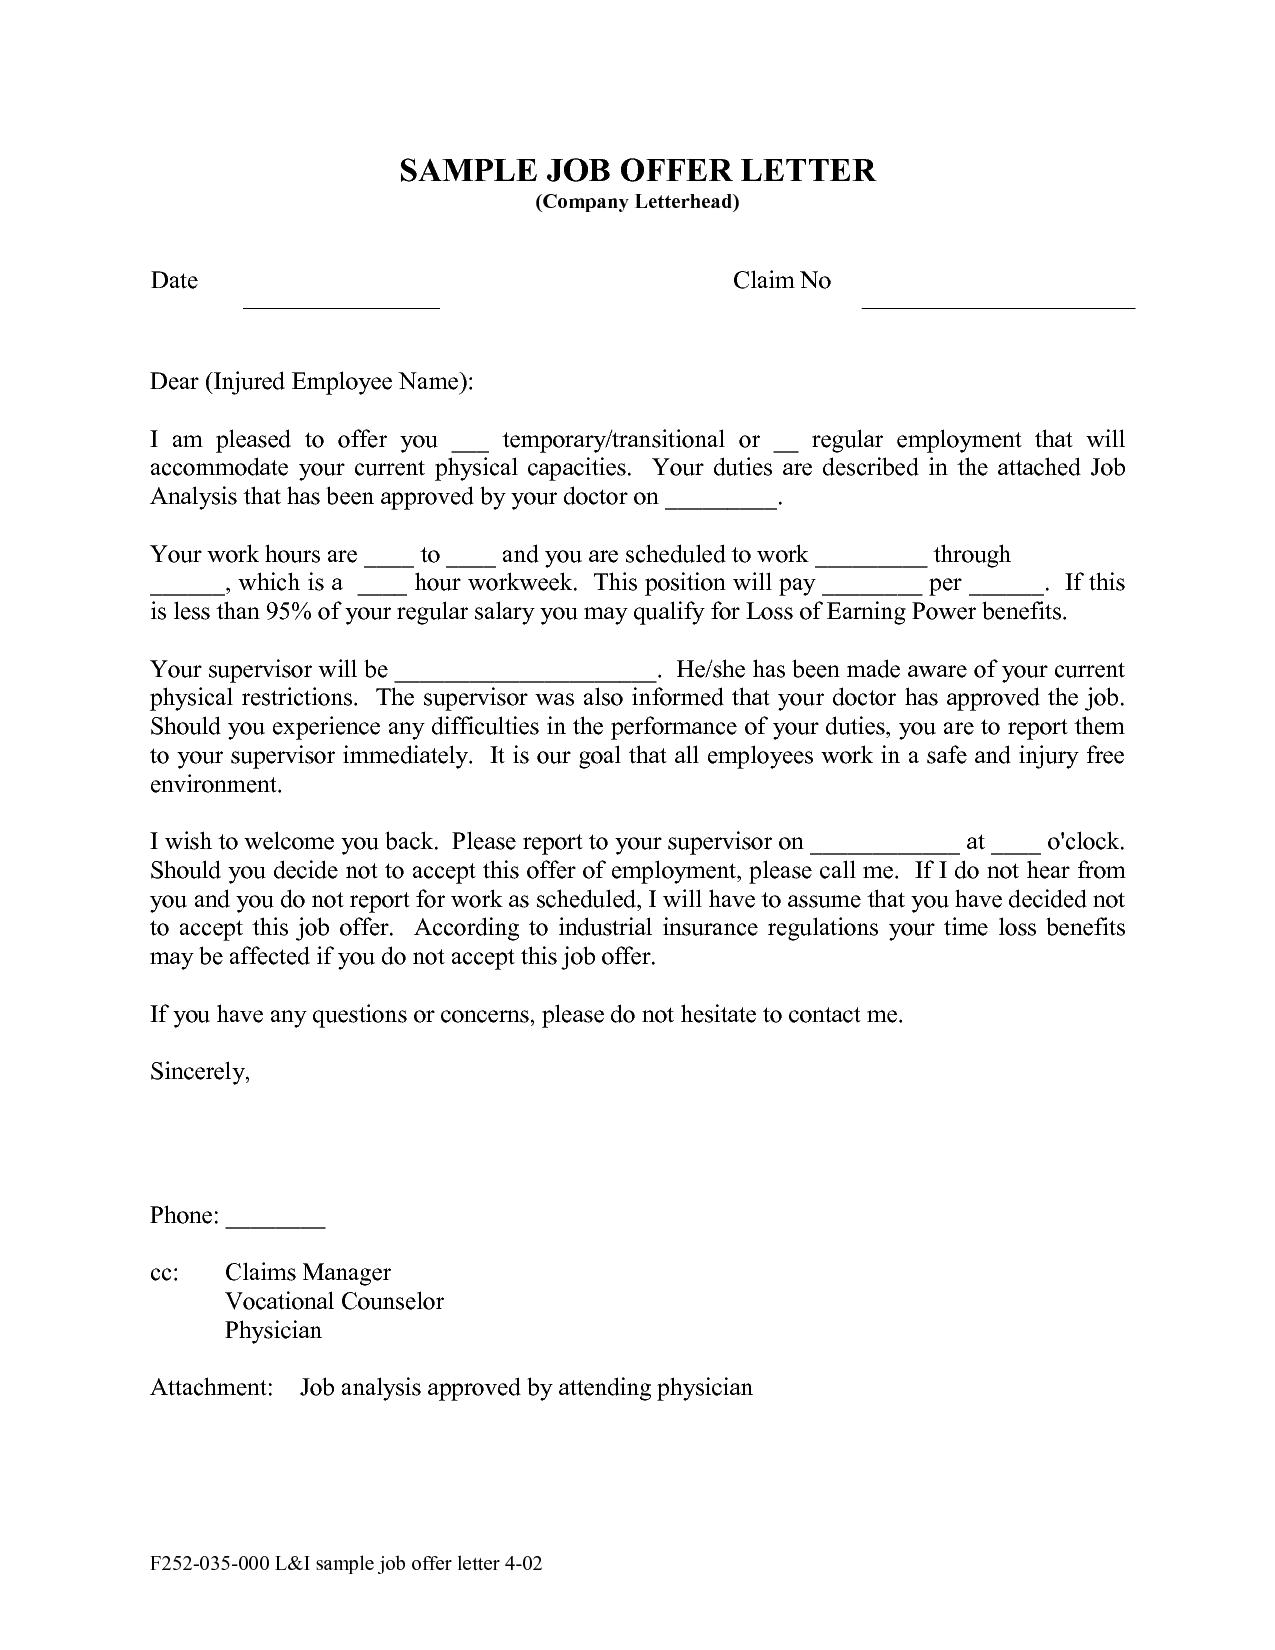 Employer Job Offer Letter from www.sampleletterword.com